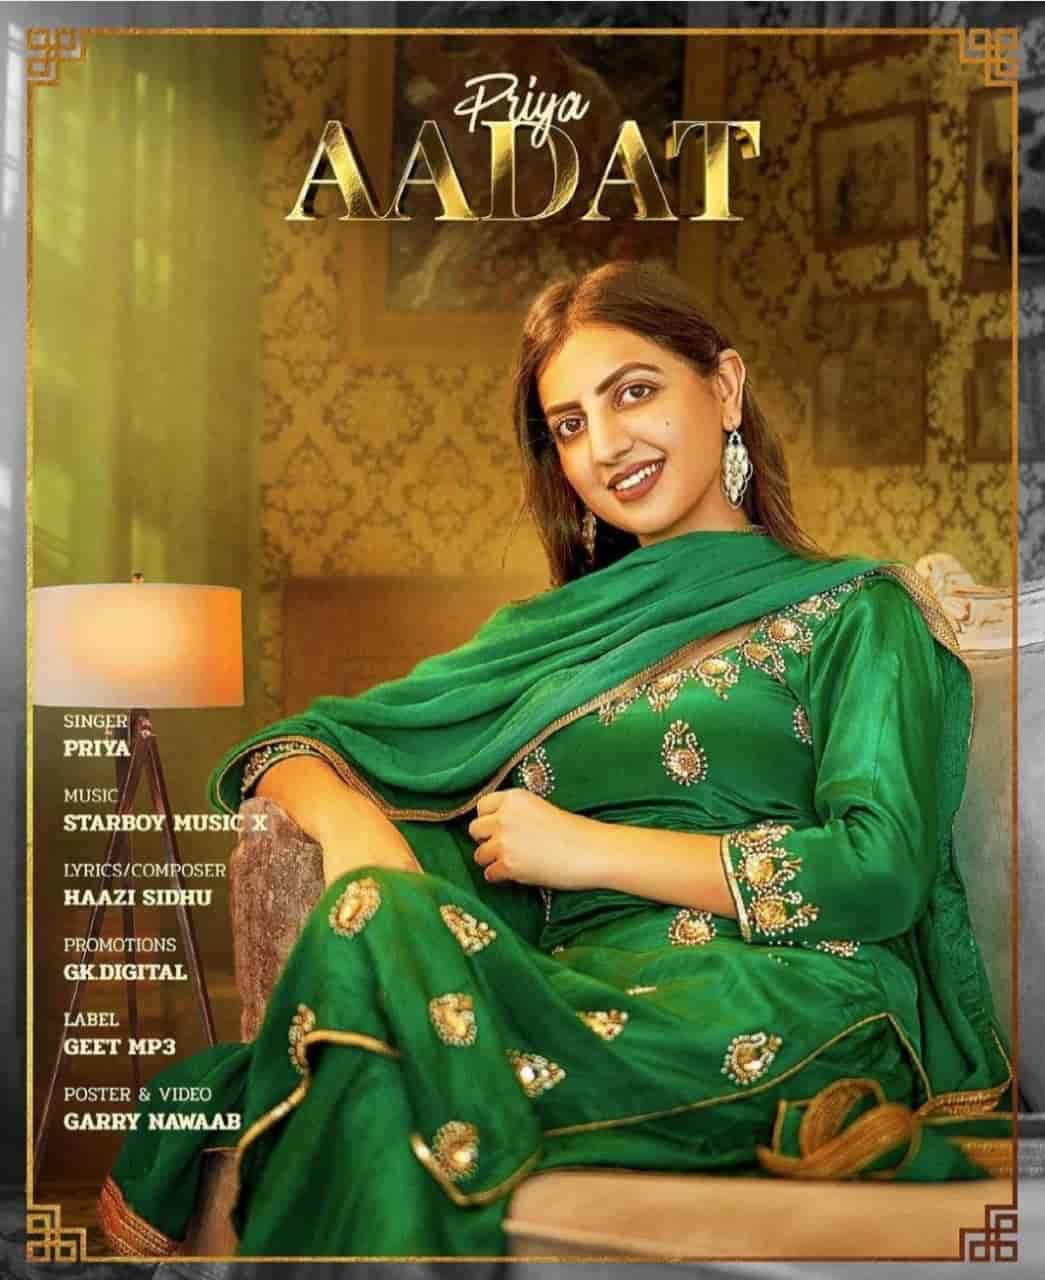 Aadat Punjabi Song Lyrics Priya